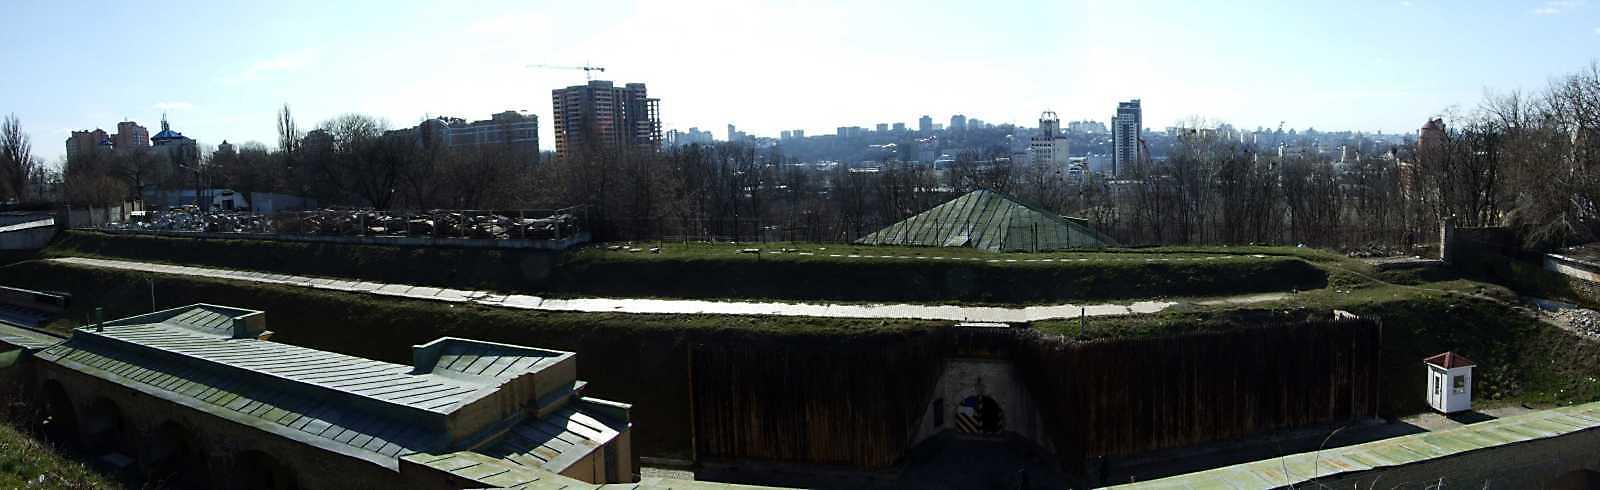 2009 р. Панорама західного фронту. Вигляд зі сходу